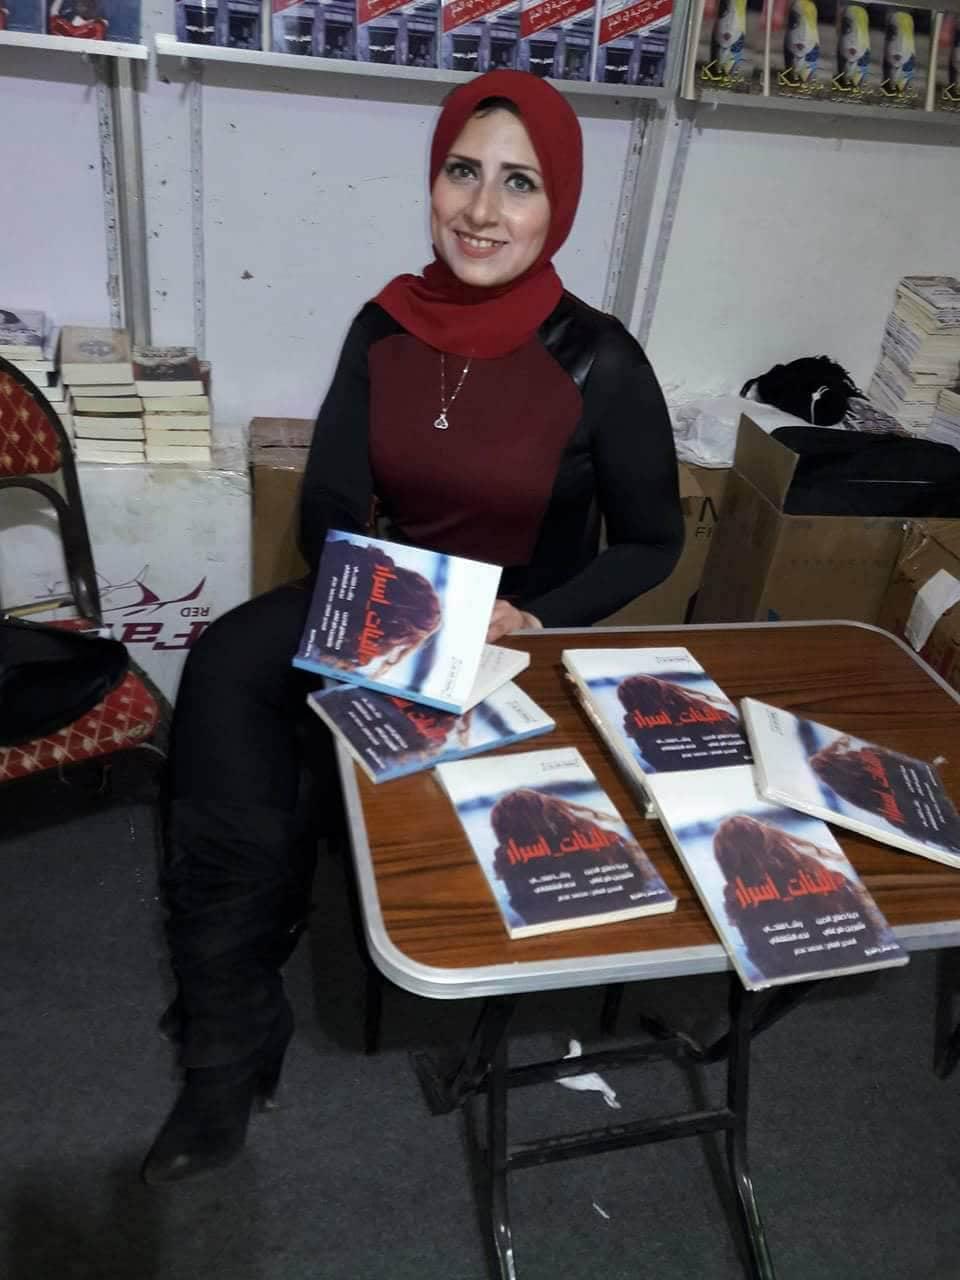 رشا فتحى توقع كتاب البنات أسرار بمعرض القاهرة للكتاب (1)